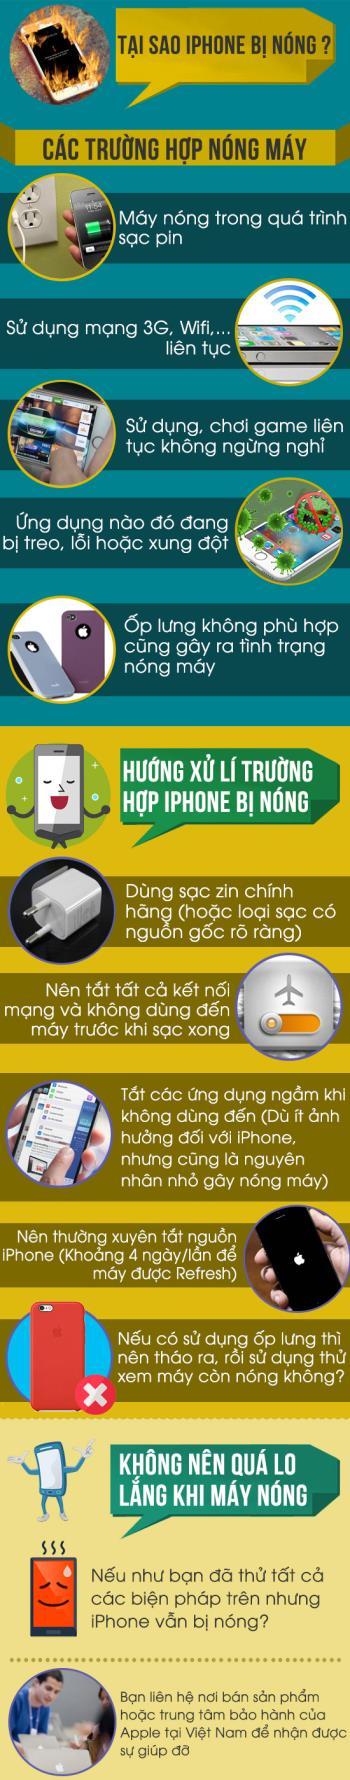 Anleitung zur Behebung der Überhitzung des iPhone bei Verwendung